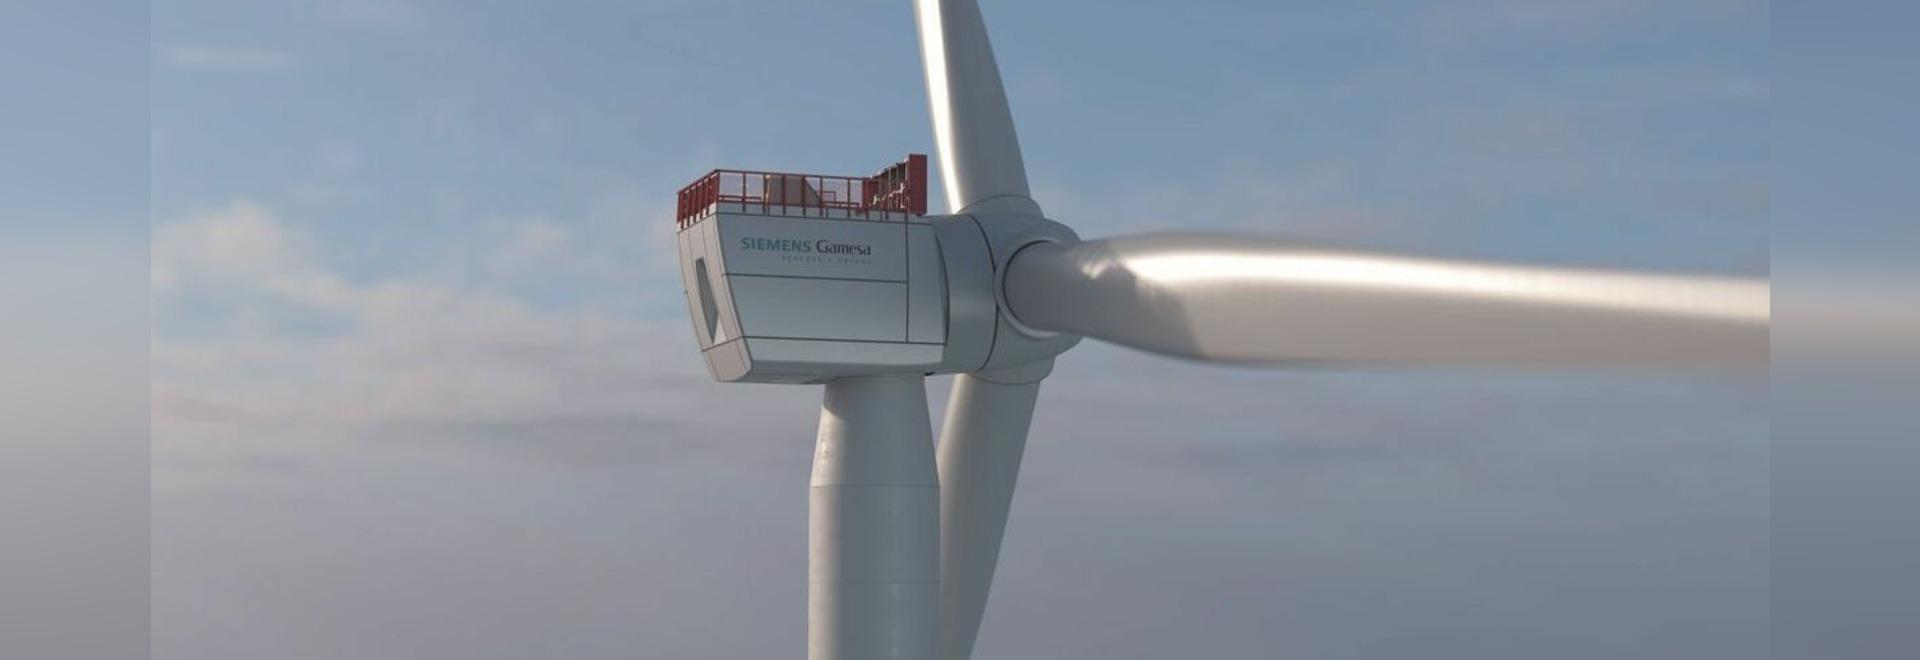 La energía eólica marina eleva la cartera de pedidos de Siemens Gamesa